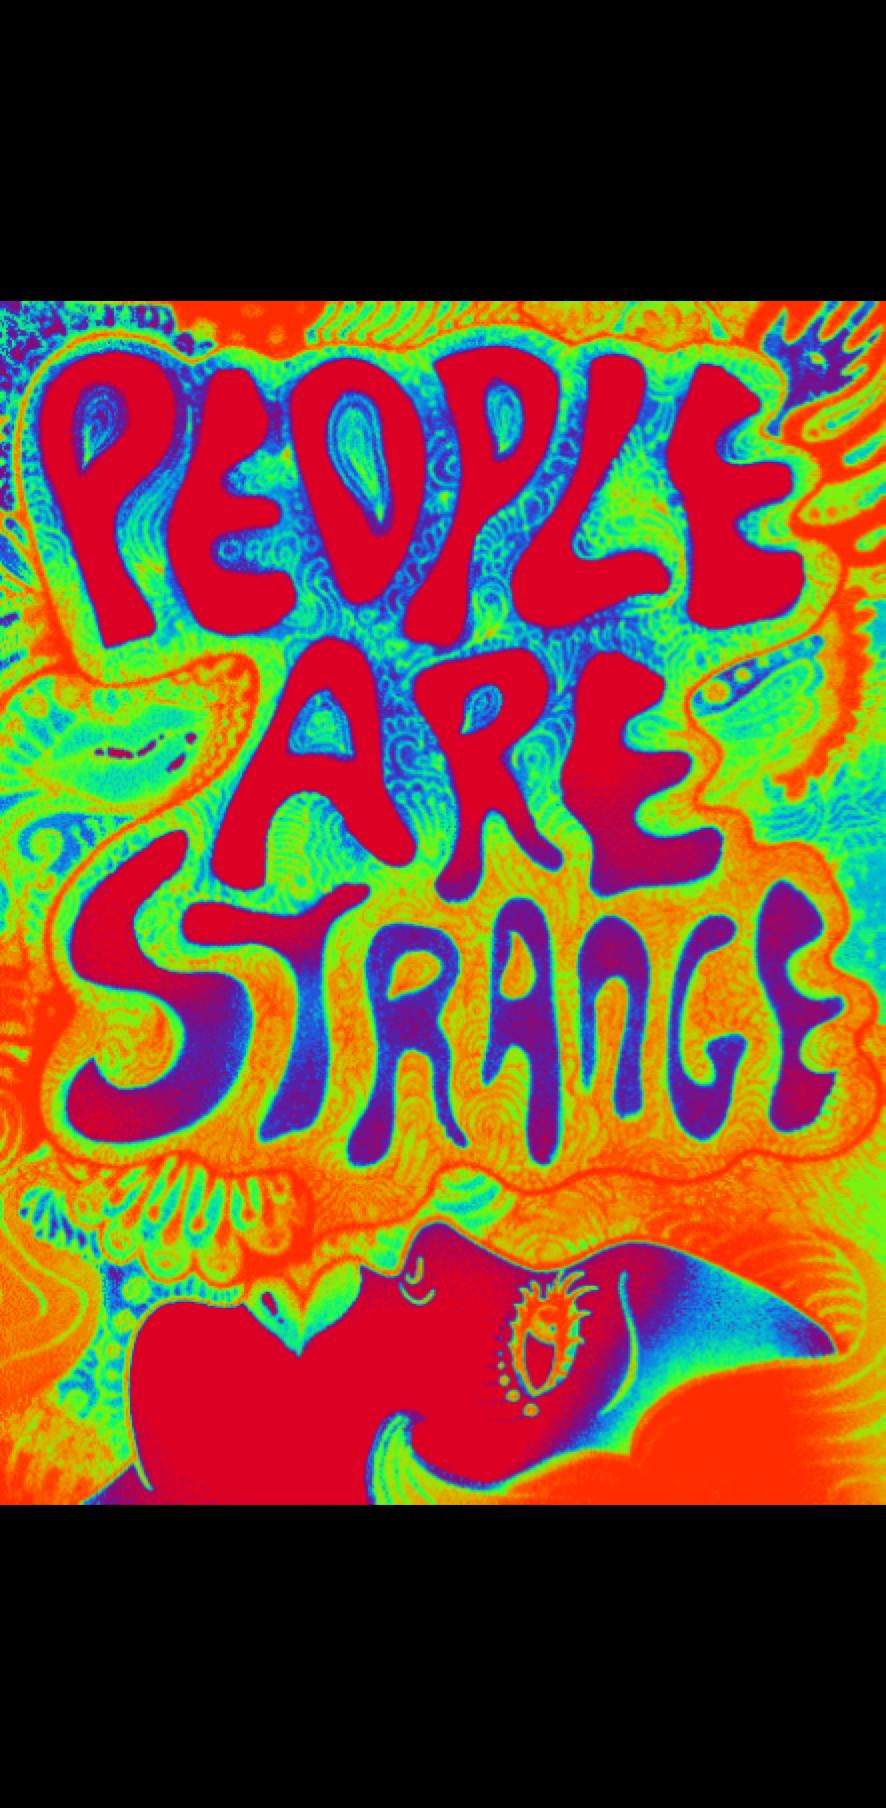 cover when you're a stranger